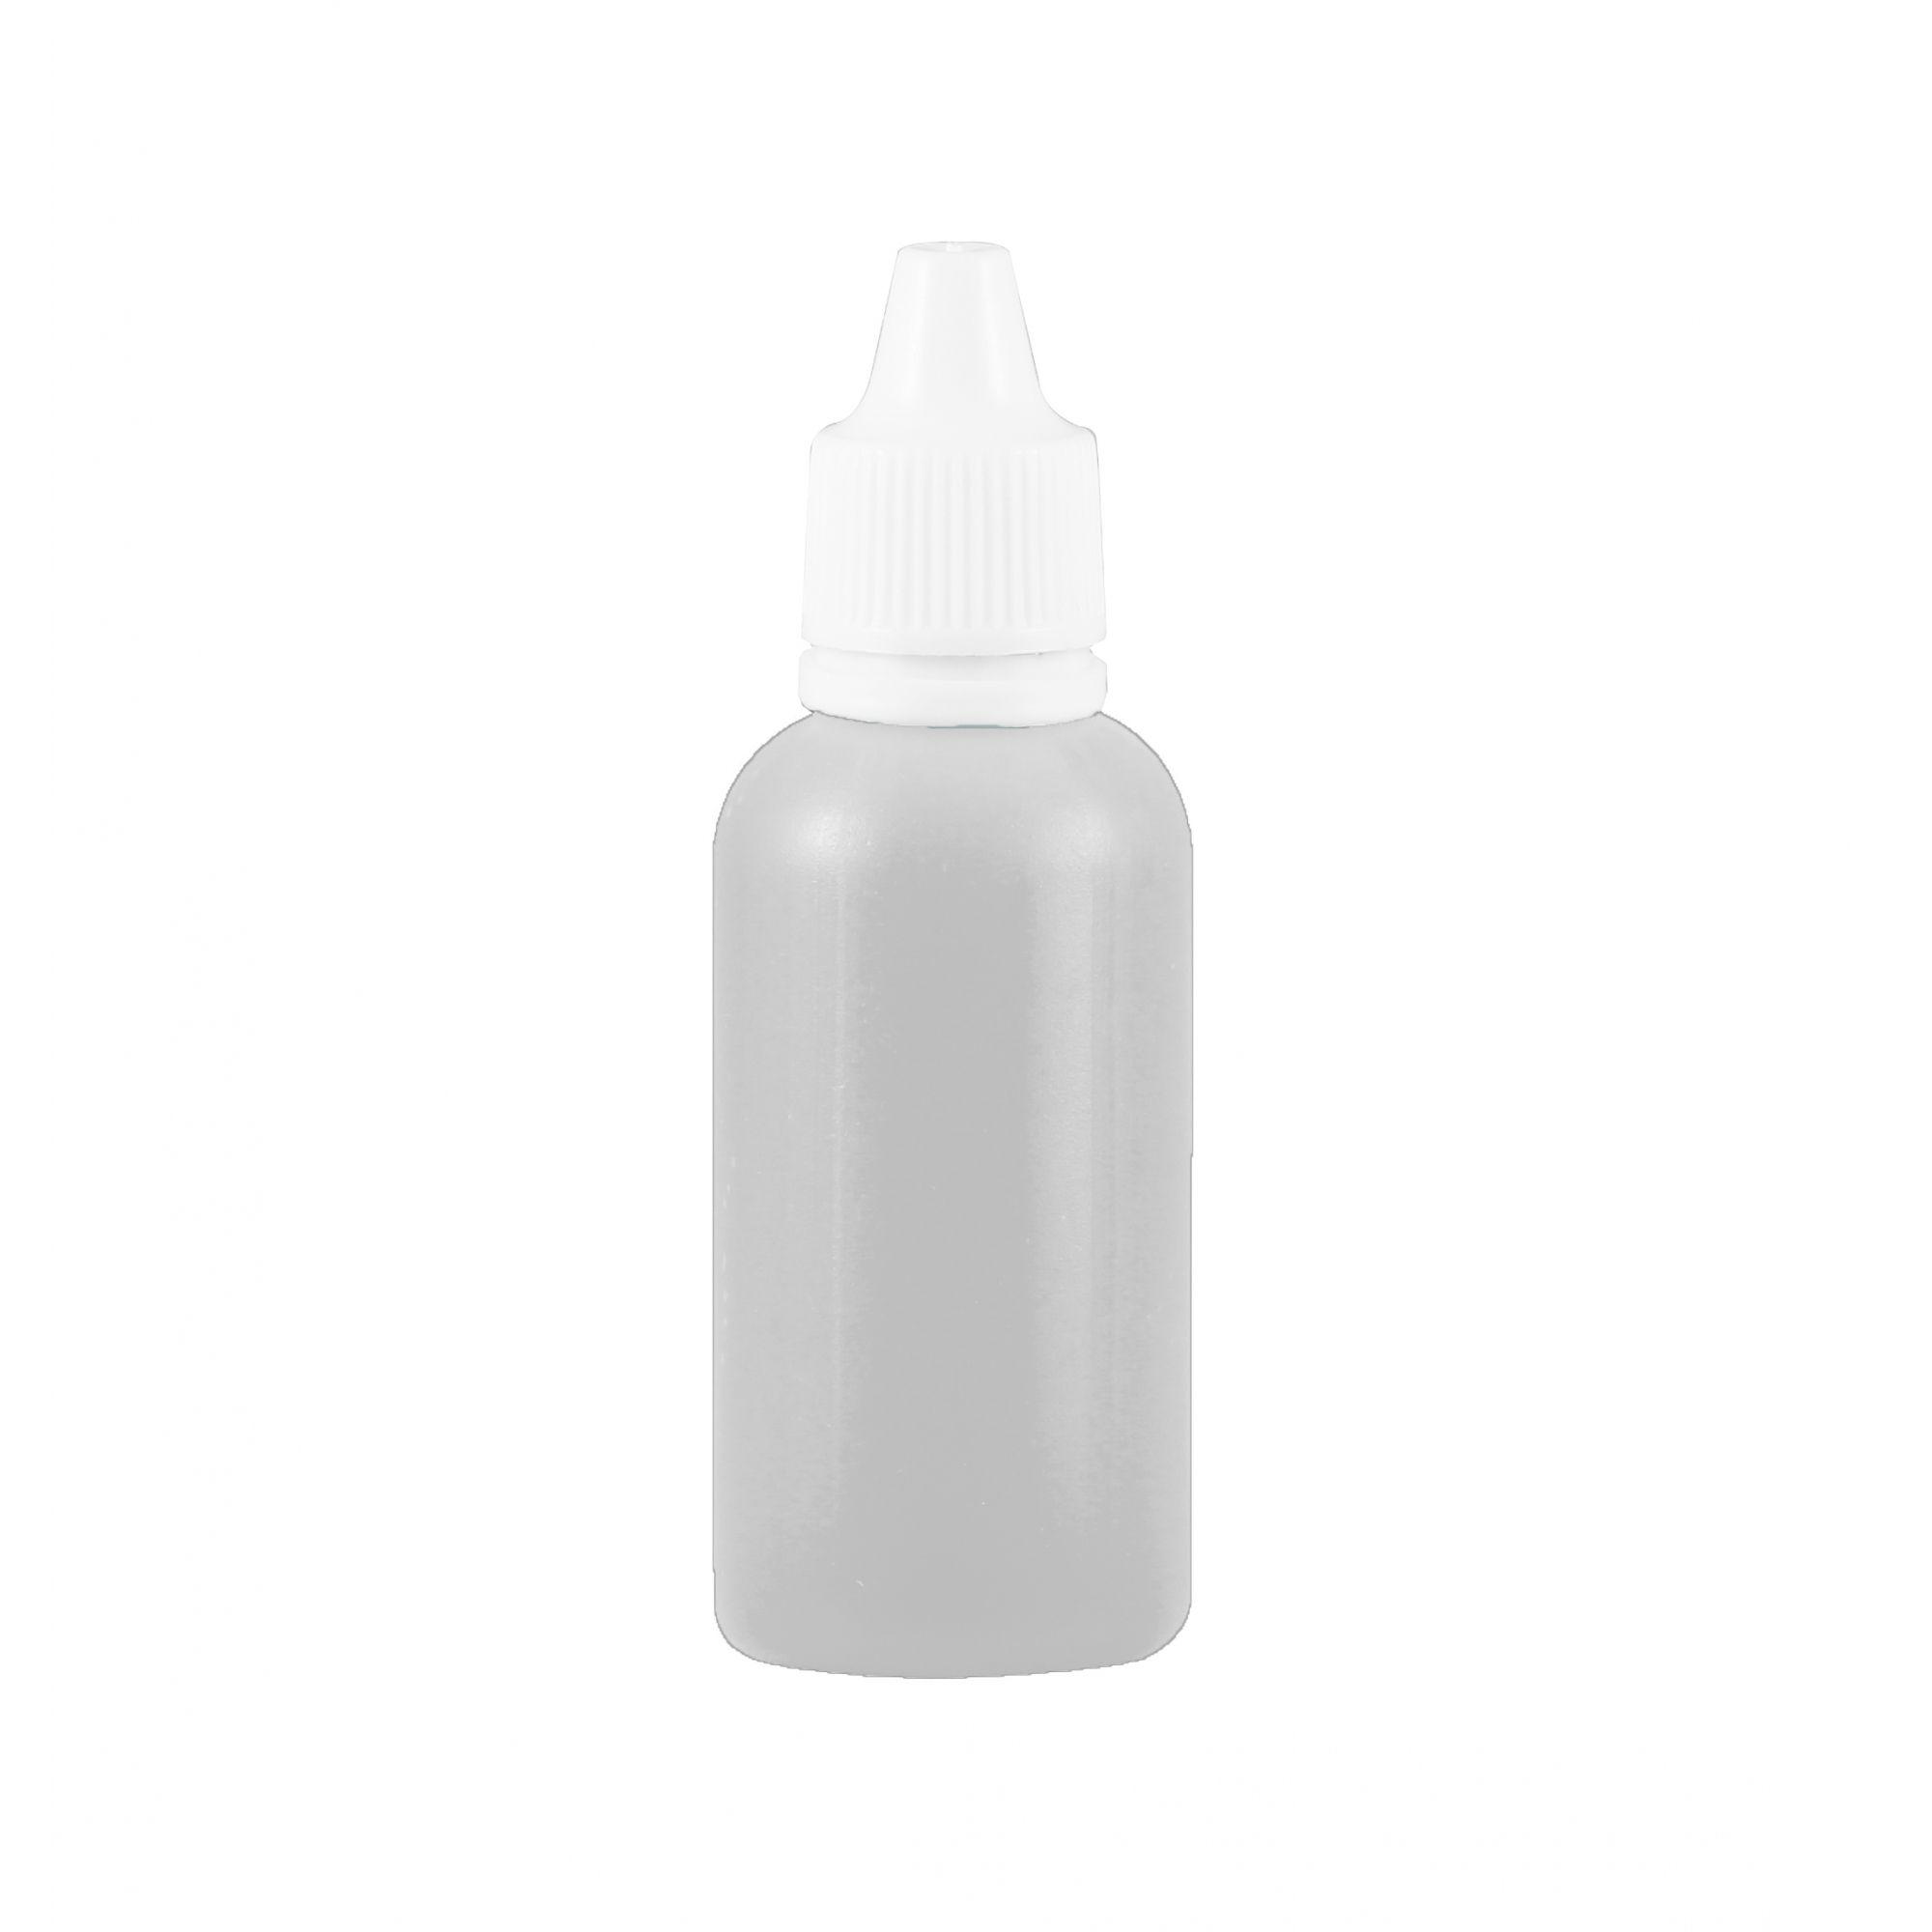 Frasco conta gotas 60 ml plástico gotejador Natural kit com 10 unid